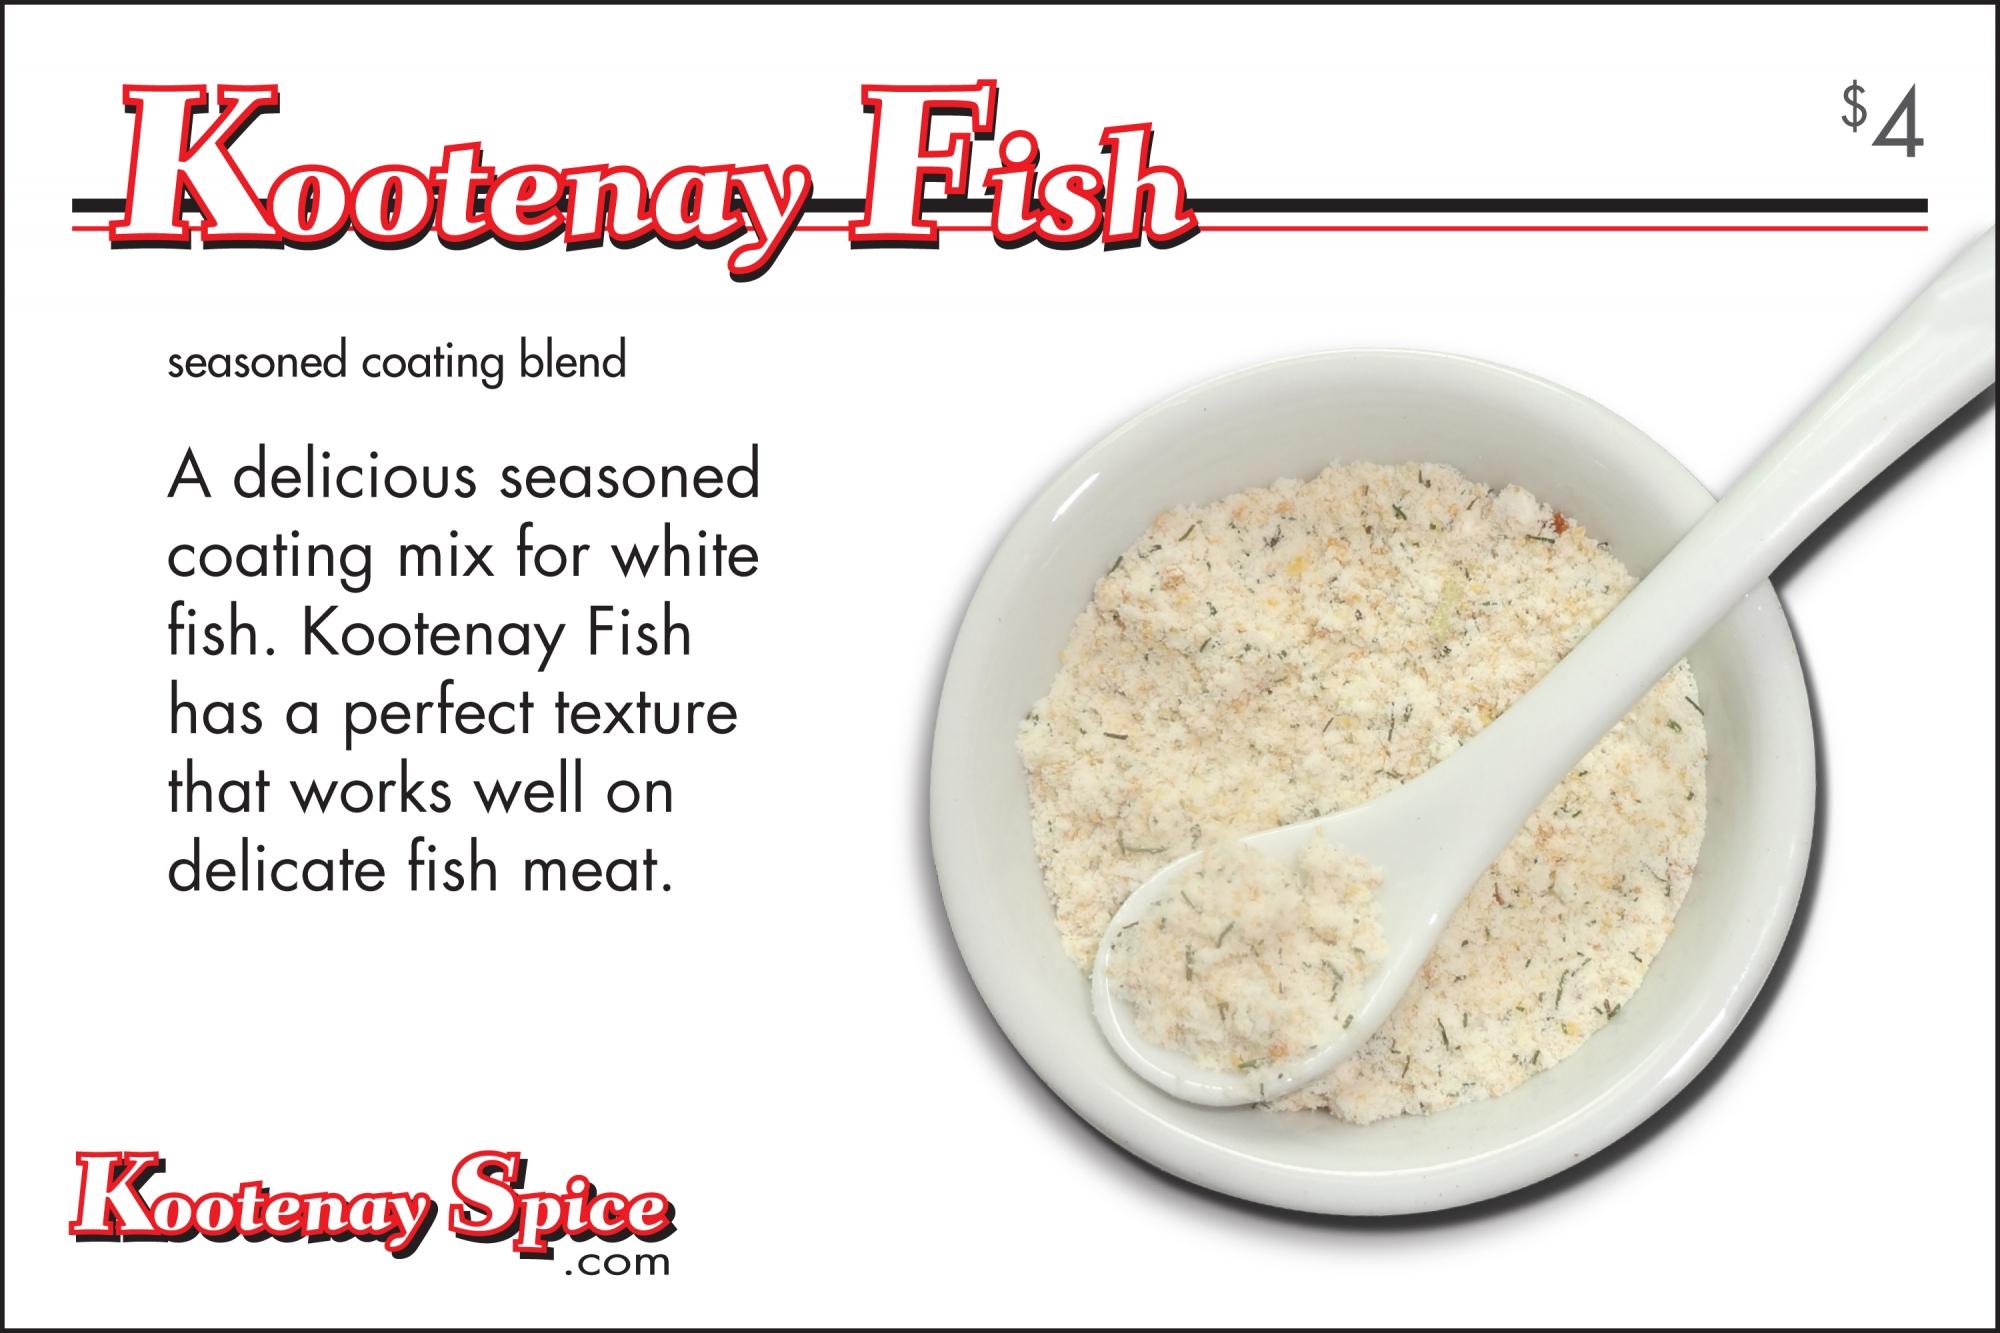 Kootenay Spice Kootenay Fish